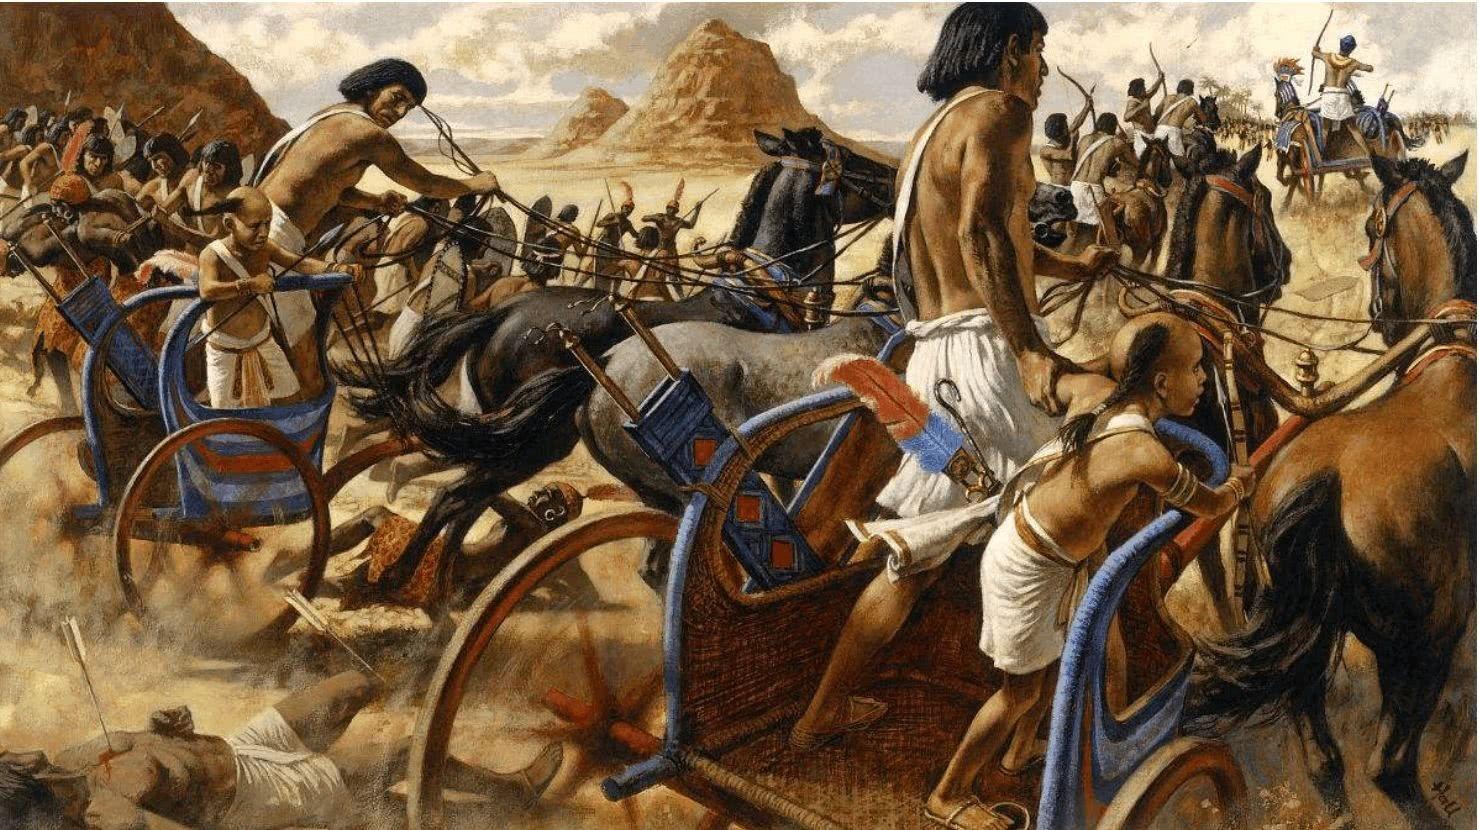 chariot-warfare